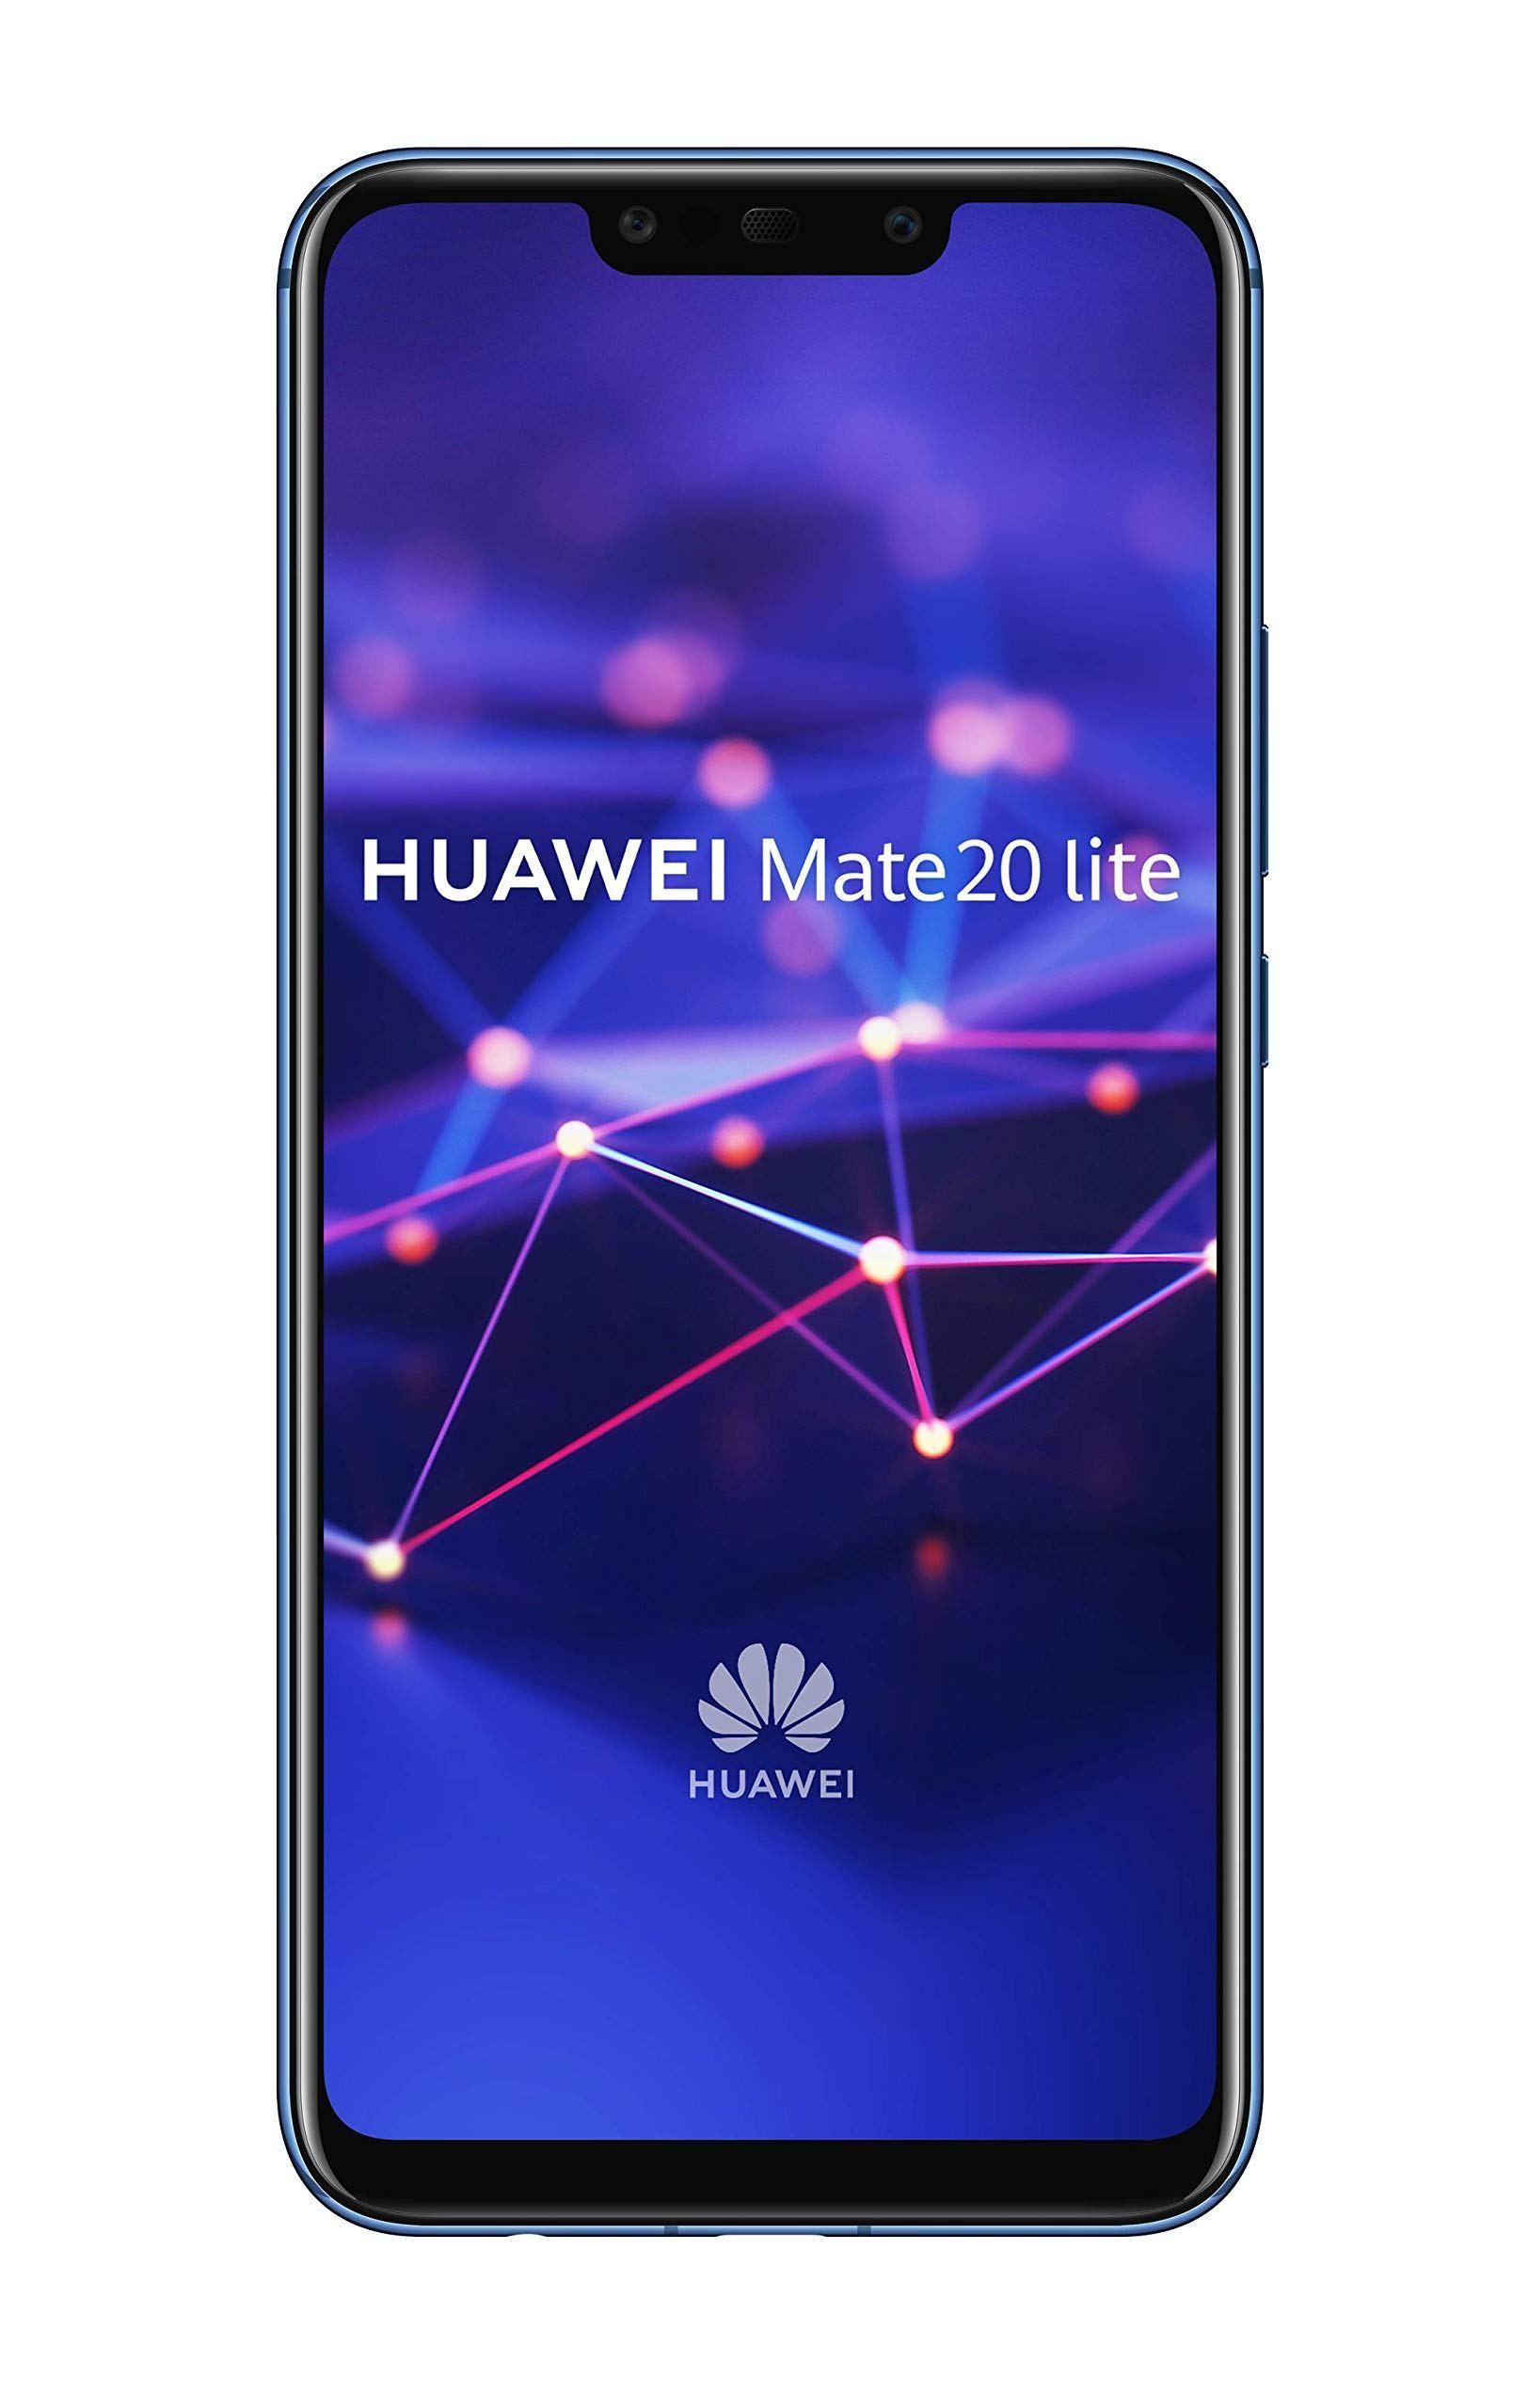 Huawei Mate 20 lite 6 3